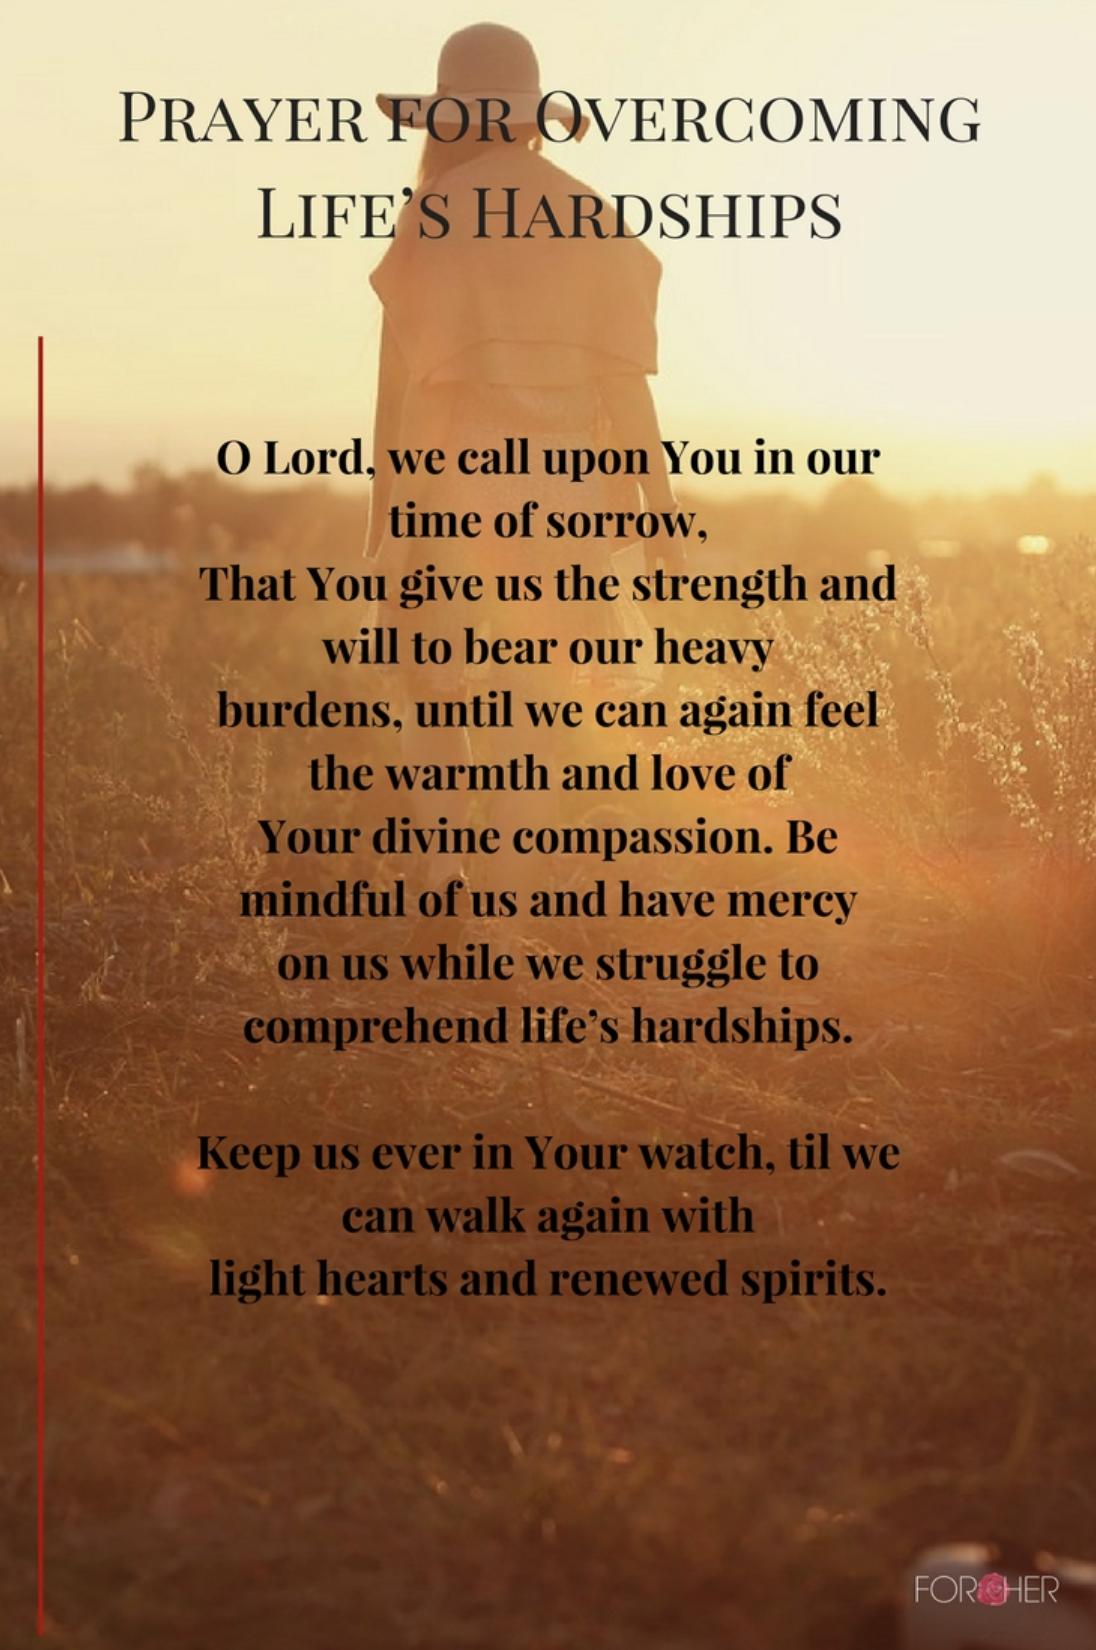 PRAYER FOR OVERCOMING LIFE'S HARDSHIPS